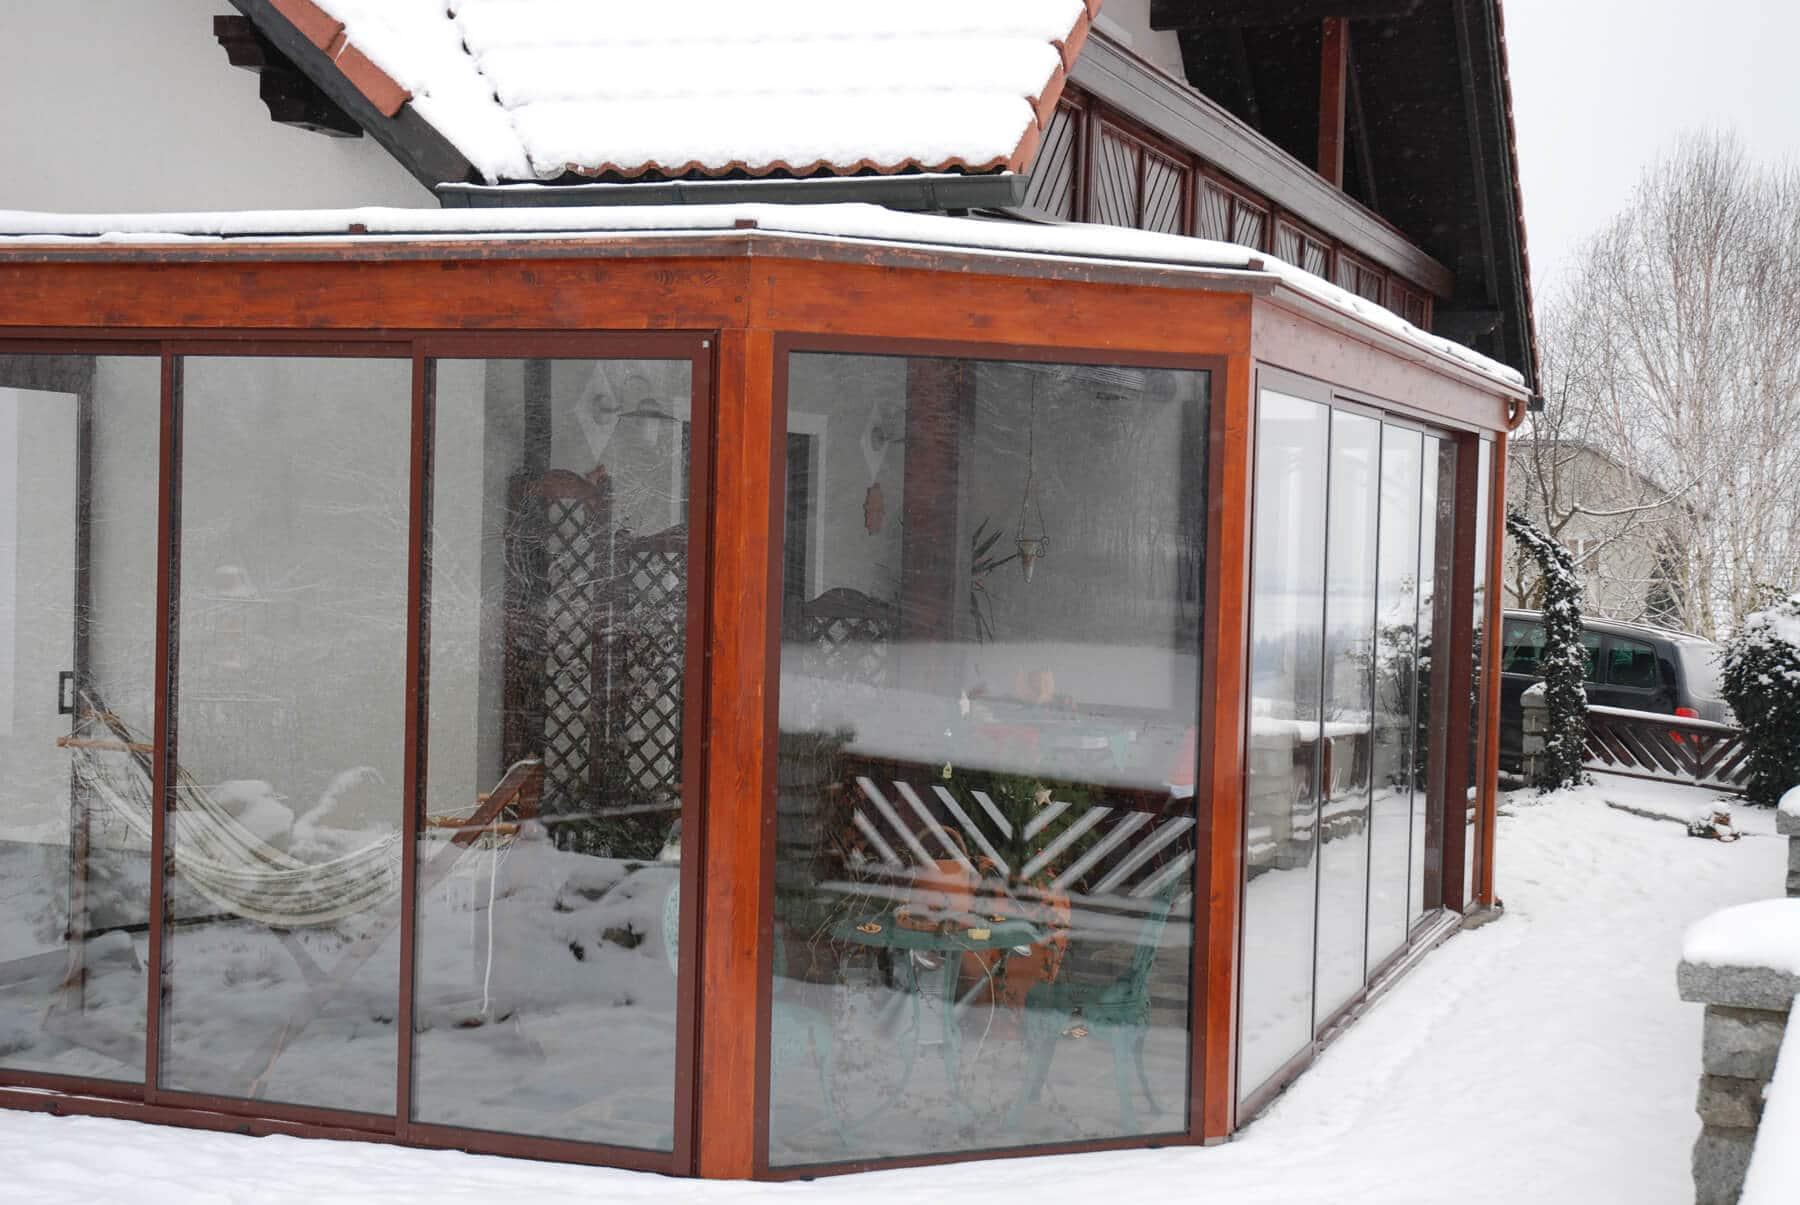 Wintergarten Kalt wintergarten kalt aus aluminium und holzkonstruktion